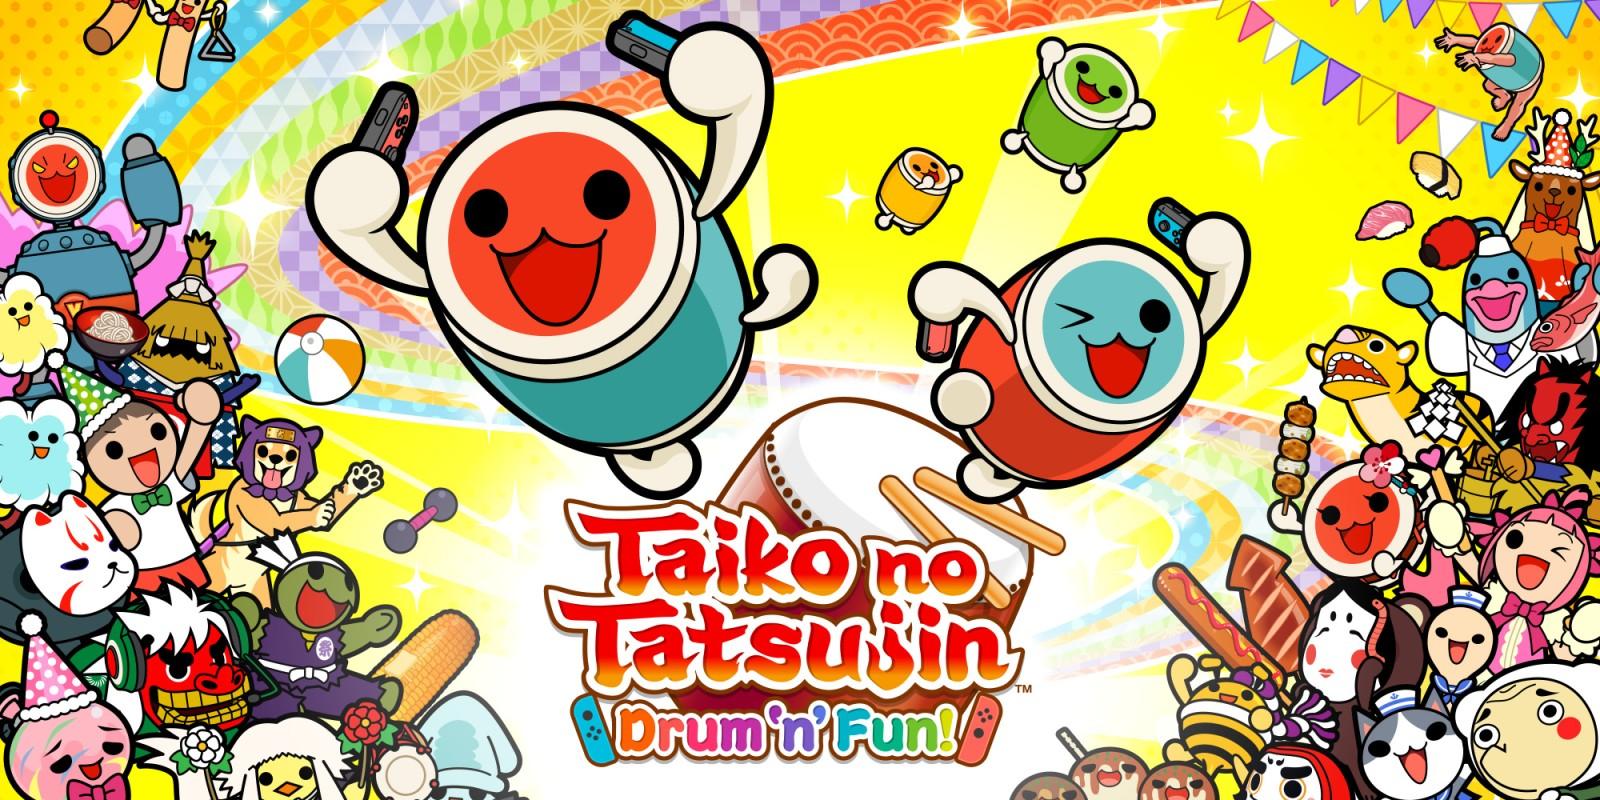 نتيجة بحث الصور عن Taiko no Tatsujin: Drum 'n' Fun